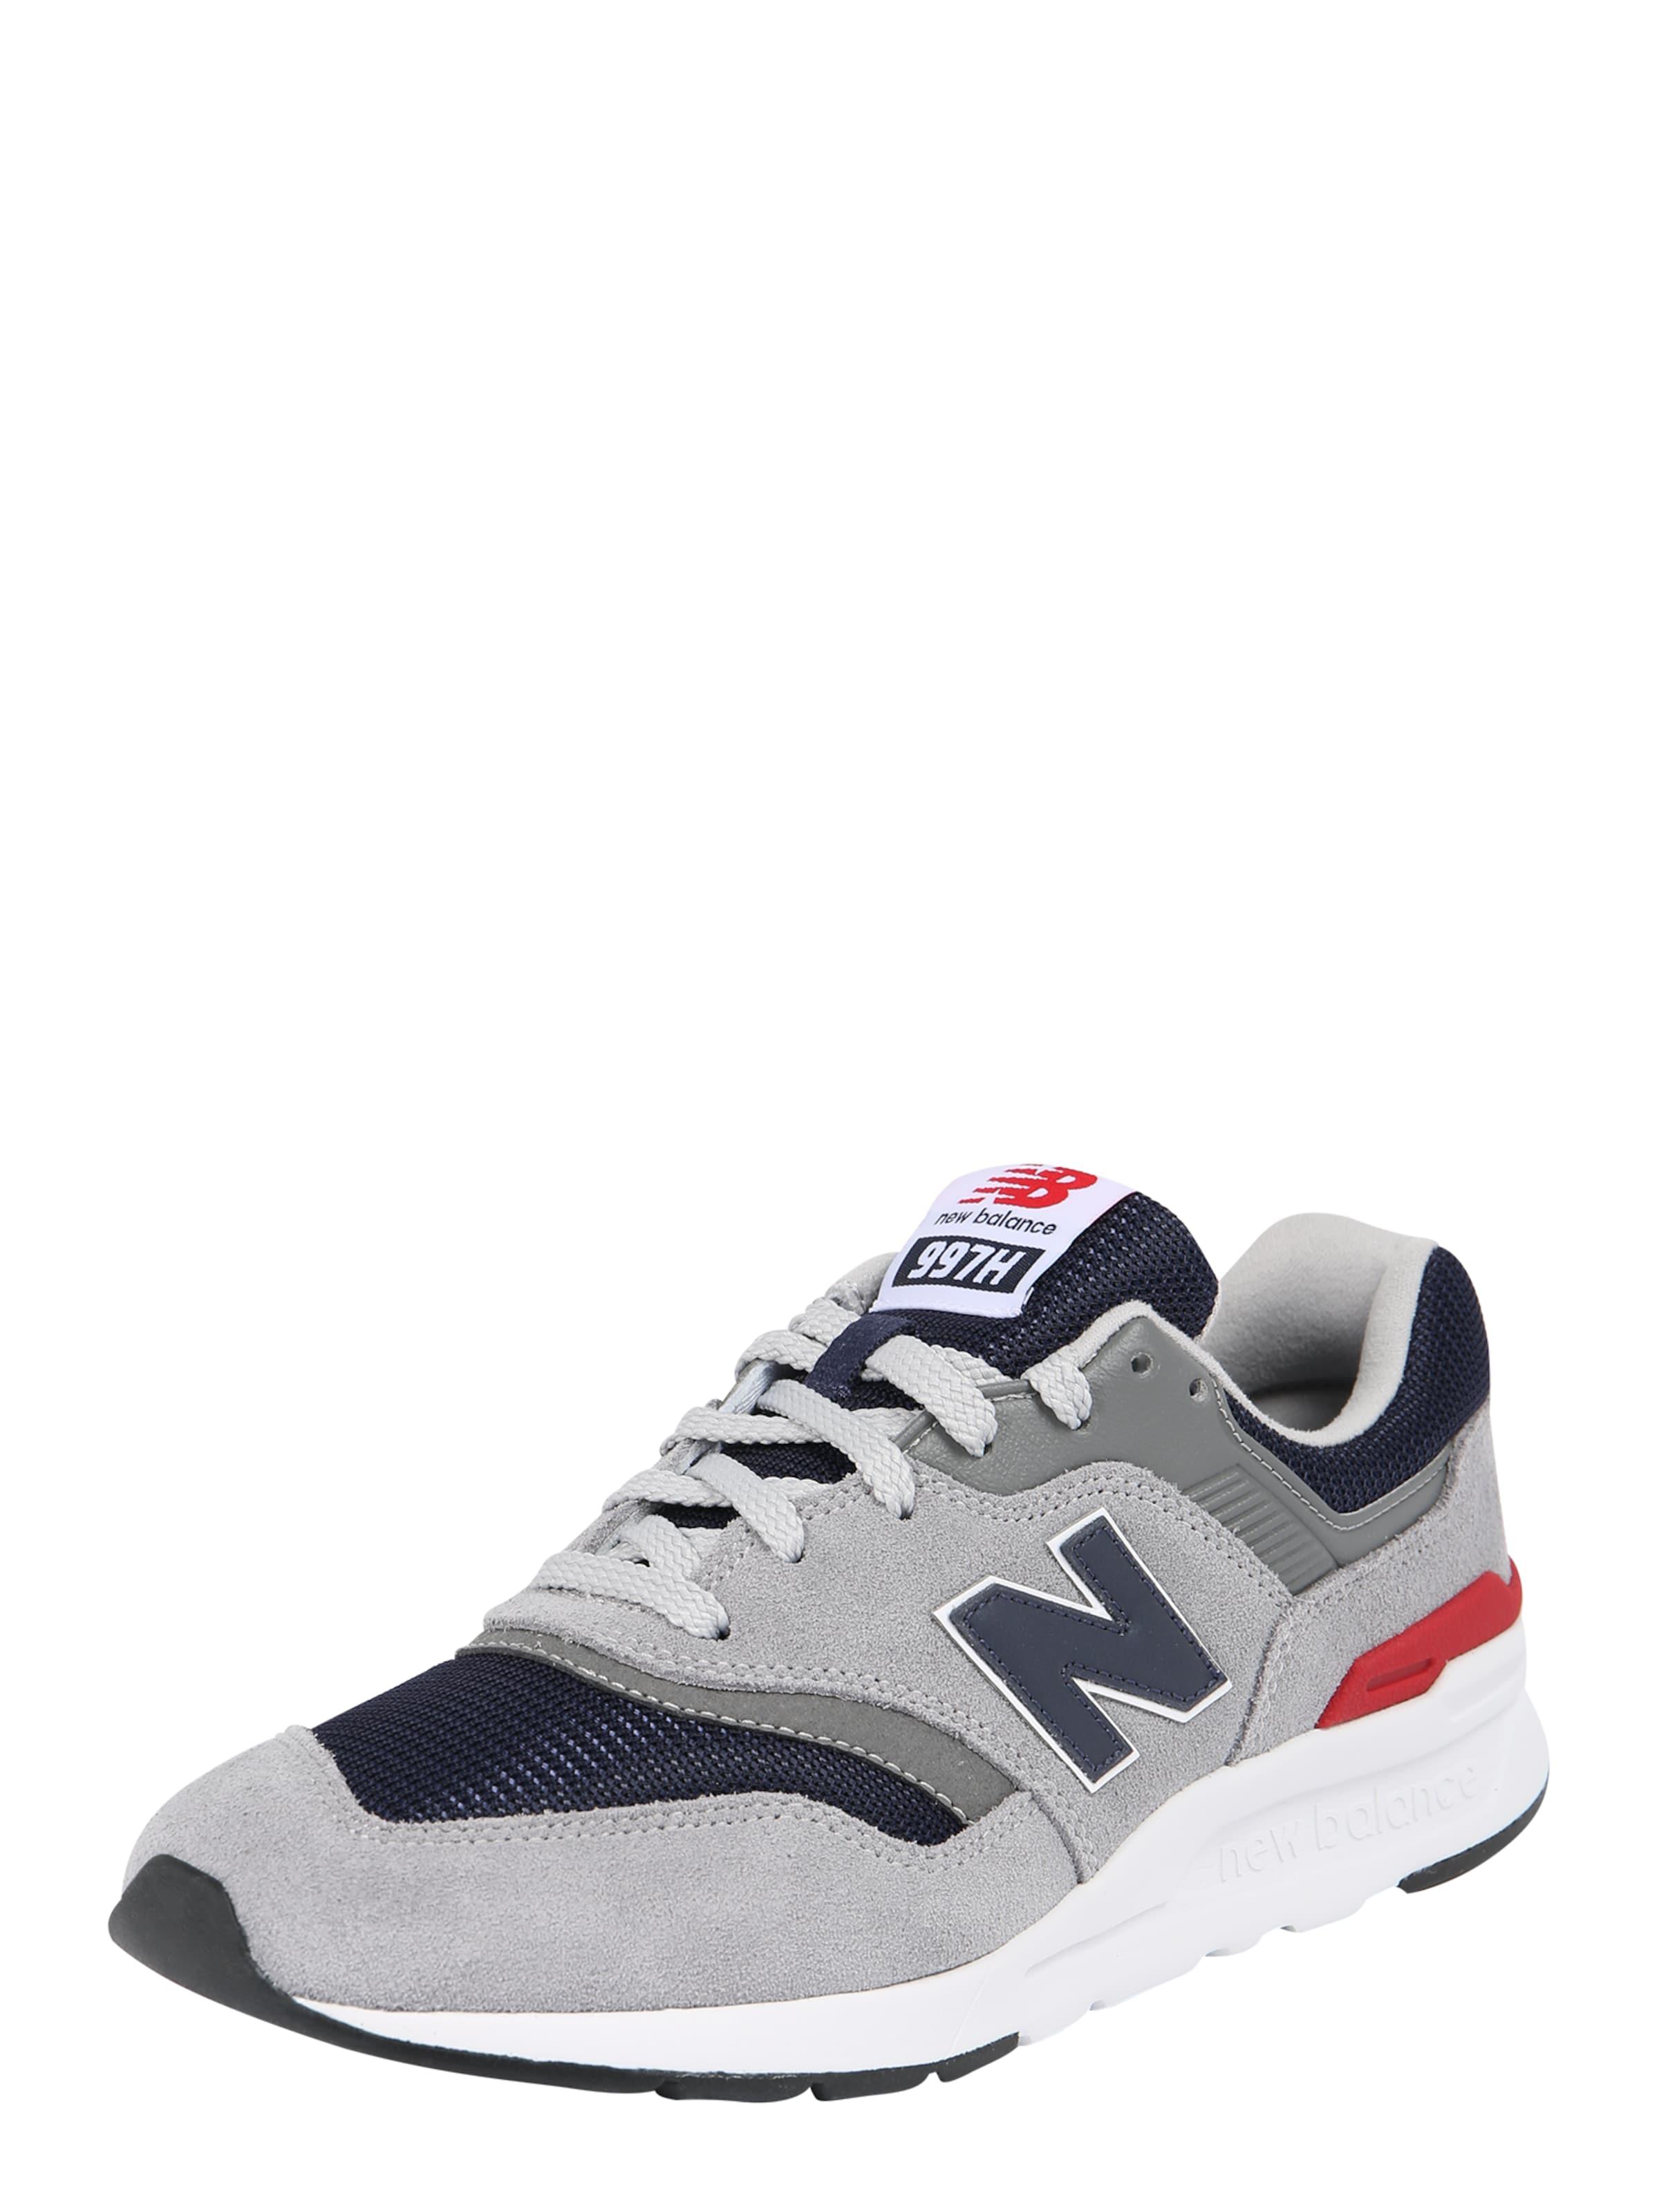 New Sneaker In Navy Balance 'cm 997' 34RLq5Aj